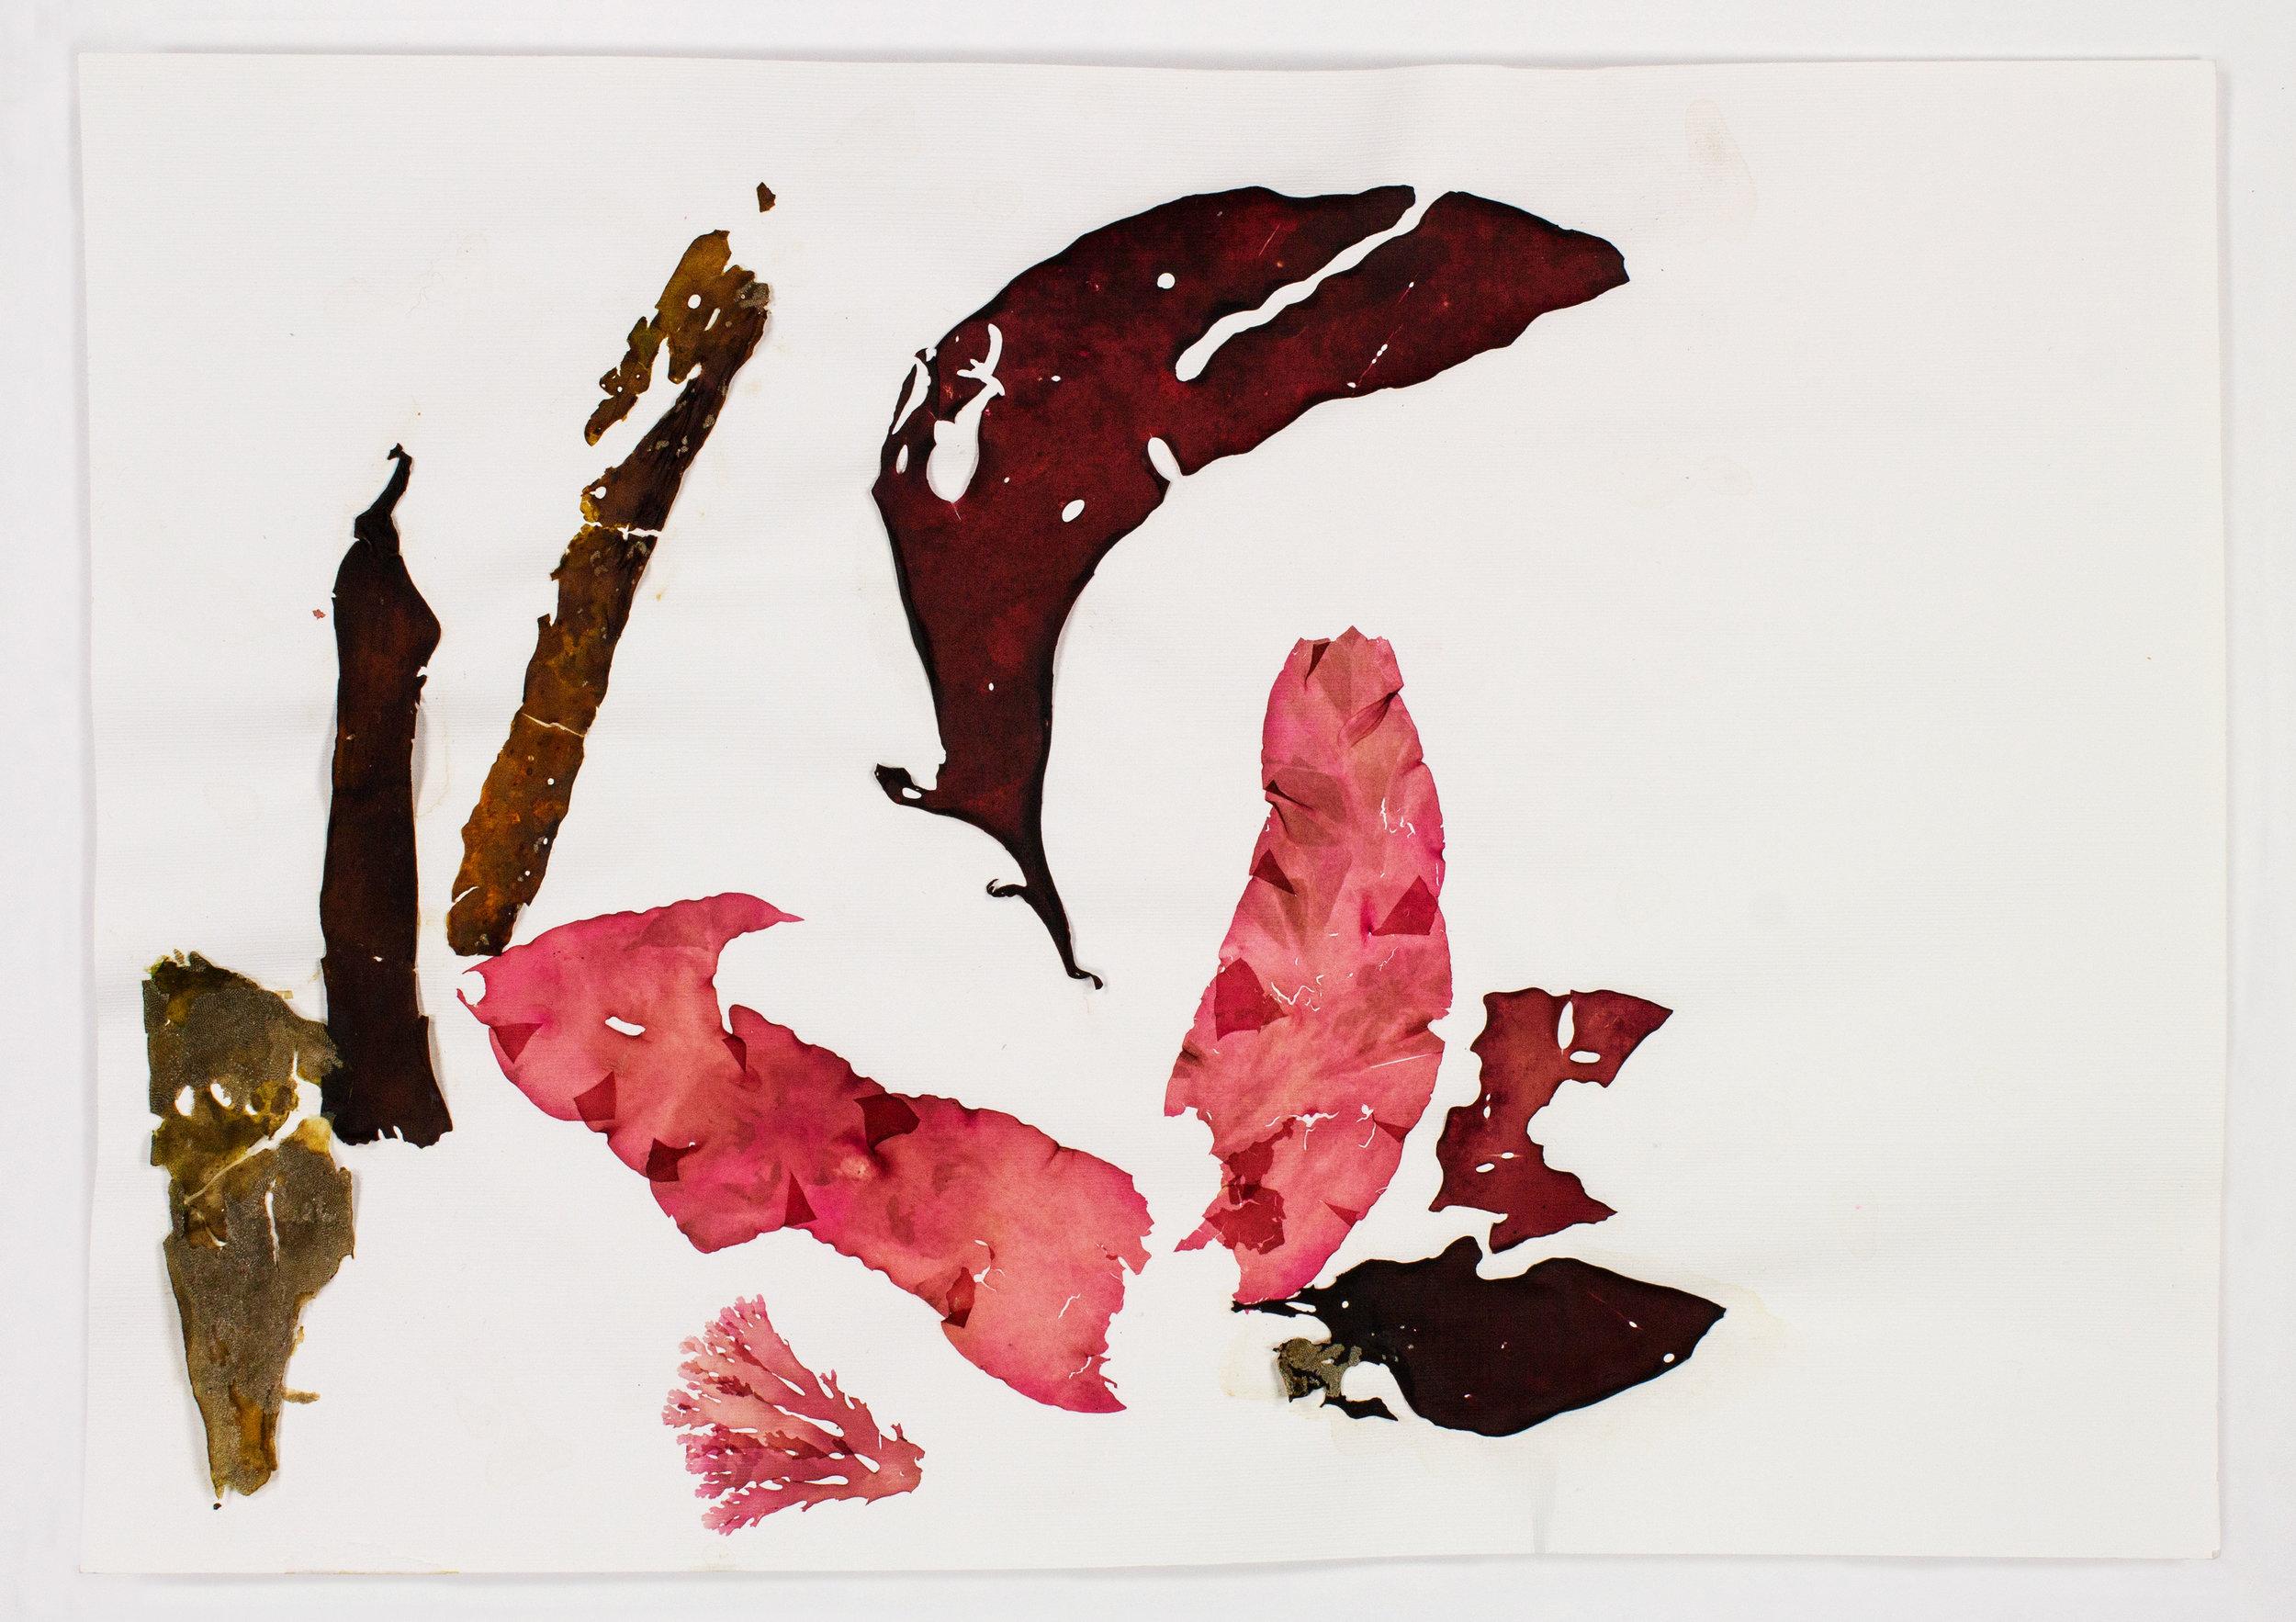 SeaweedCollage-pink.jpg